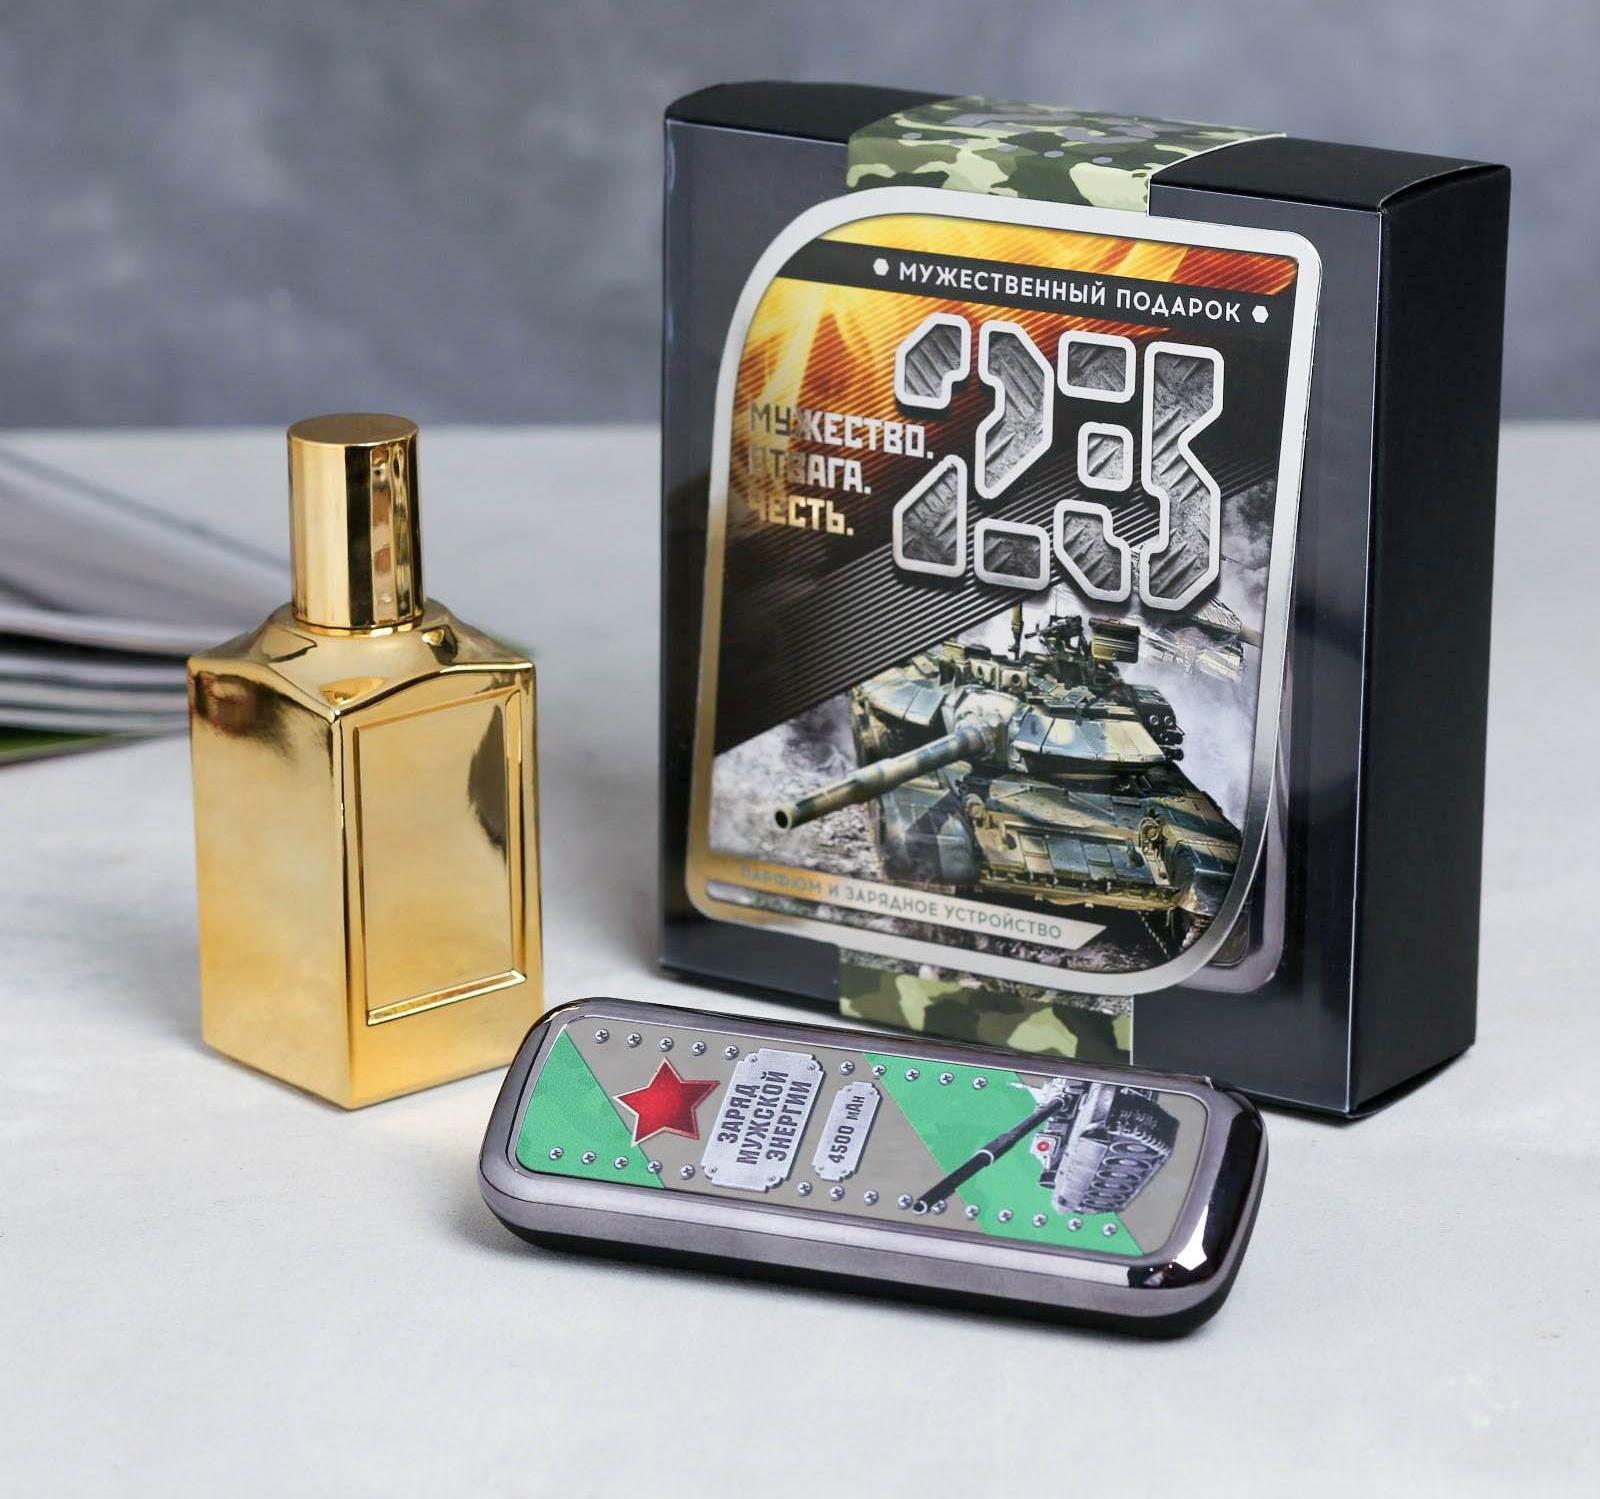 Подарочный набор: парфюм 100 мл и павер банк 4500 mAh «23»